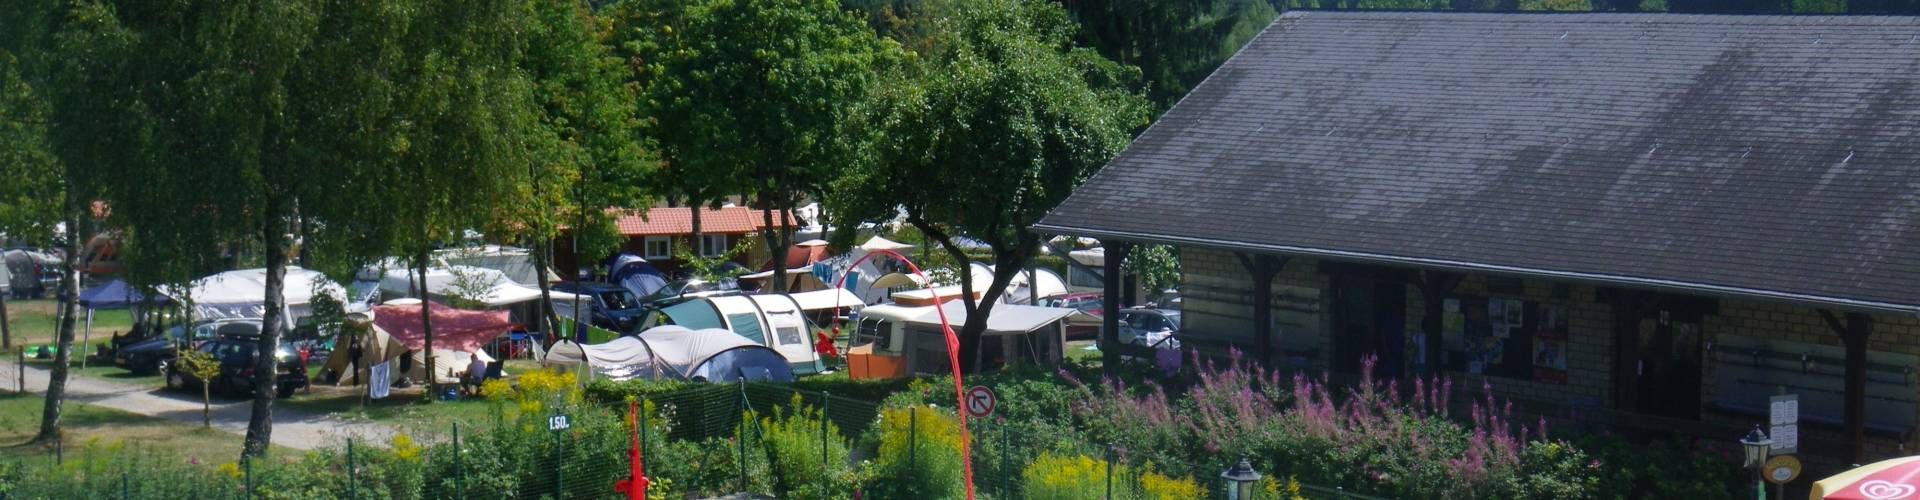 camping auf kengert larochette